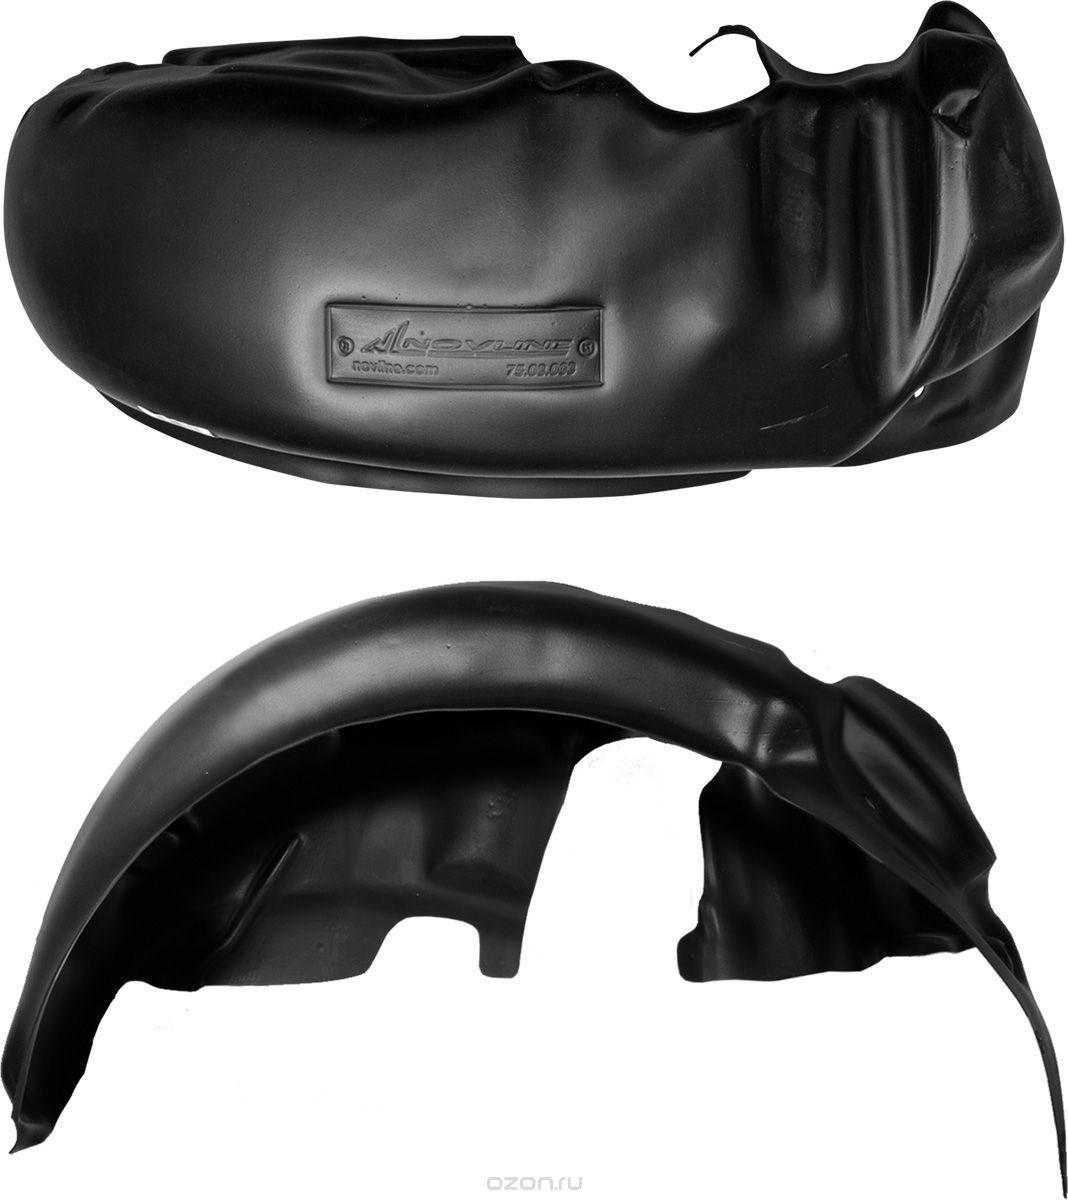 Подкрылок Novline-Autofamily, для GREAT WALL Wingle 5, 2011->, передний правыйNLL.59.06.002Идеальная защита колесной ниши. Локеры разработаны с применением цифровых технологий, гарантируют максимальную повторяемость поверхности арки. Изделия устанавливаются без нарушения лакокрасочного покрытия автомобиля, каждый подкрылок комплектуется крепежом. Уважаемые клиенты, обращаем ваше внимание, что фотографии на подкрылки универсальные и не отражают реальную форму изделия. При этом само изделие идет точно под размер указанного автомобиля.